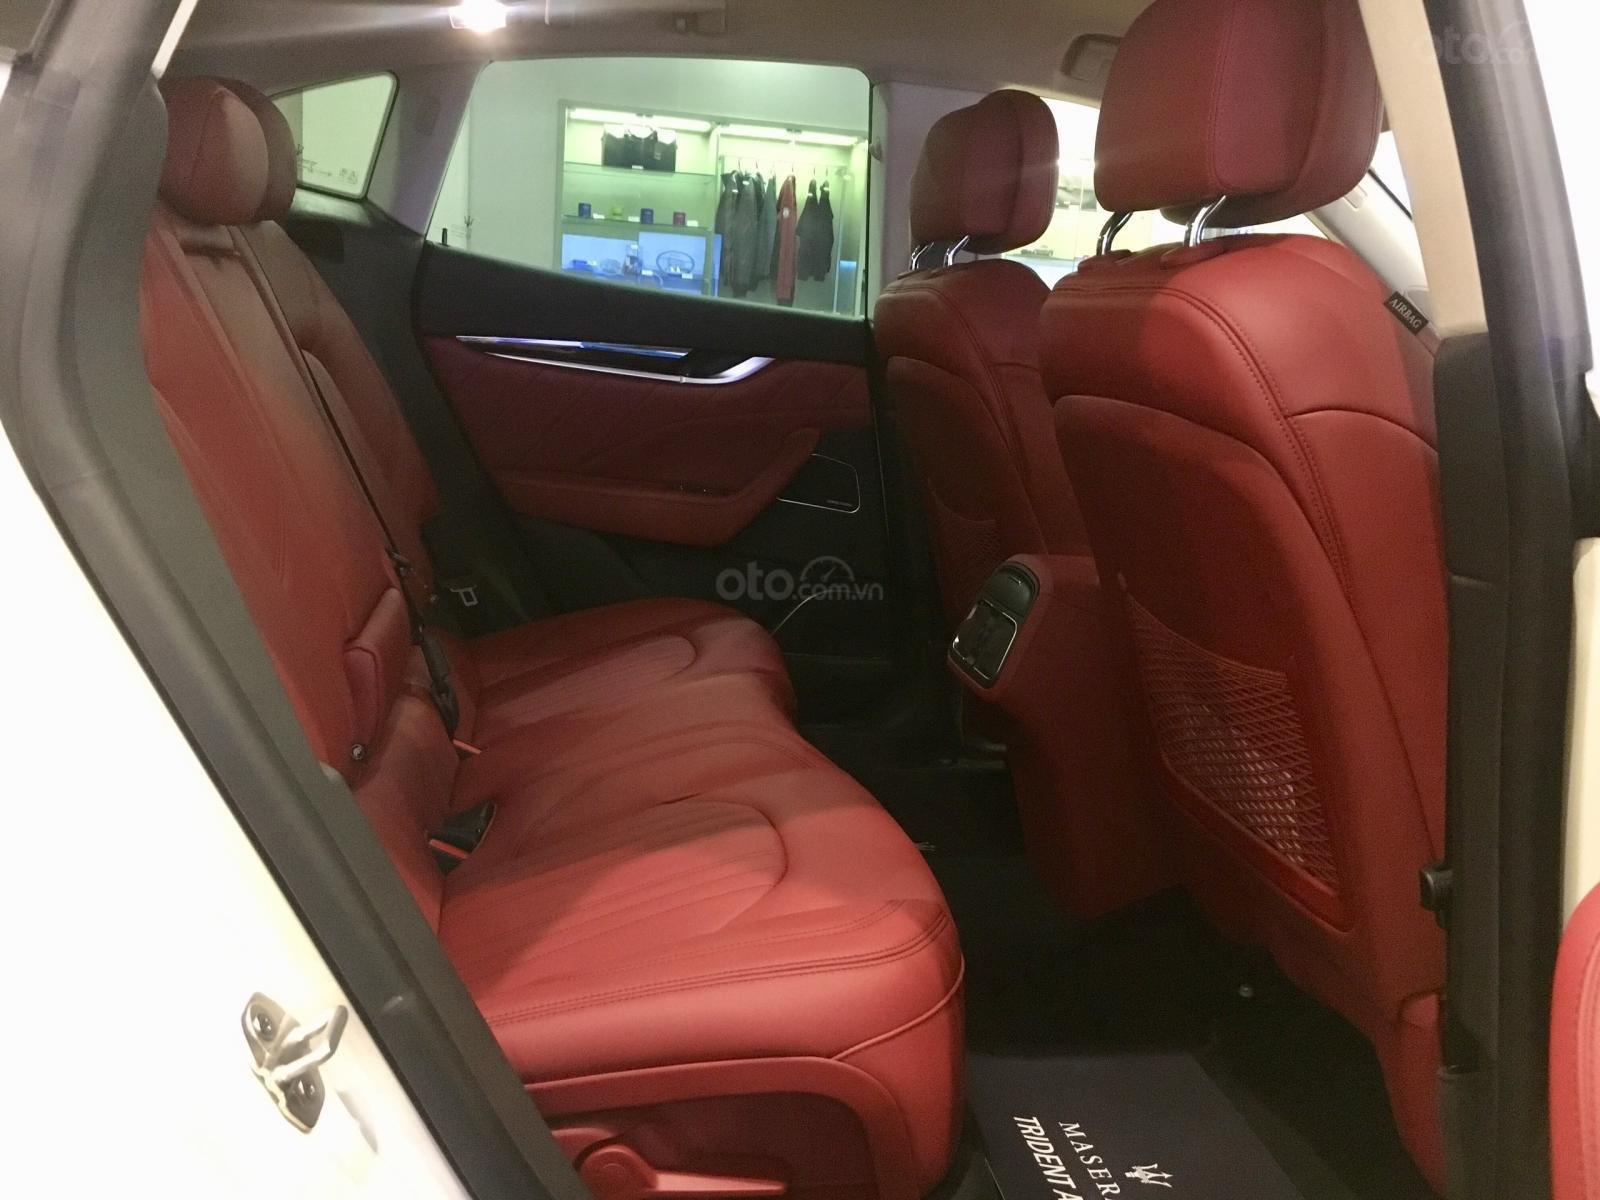 Maserati Levante chính hãng phân phối mới 100%, trắng-đỏ, hotline: 0902070768 (9)